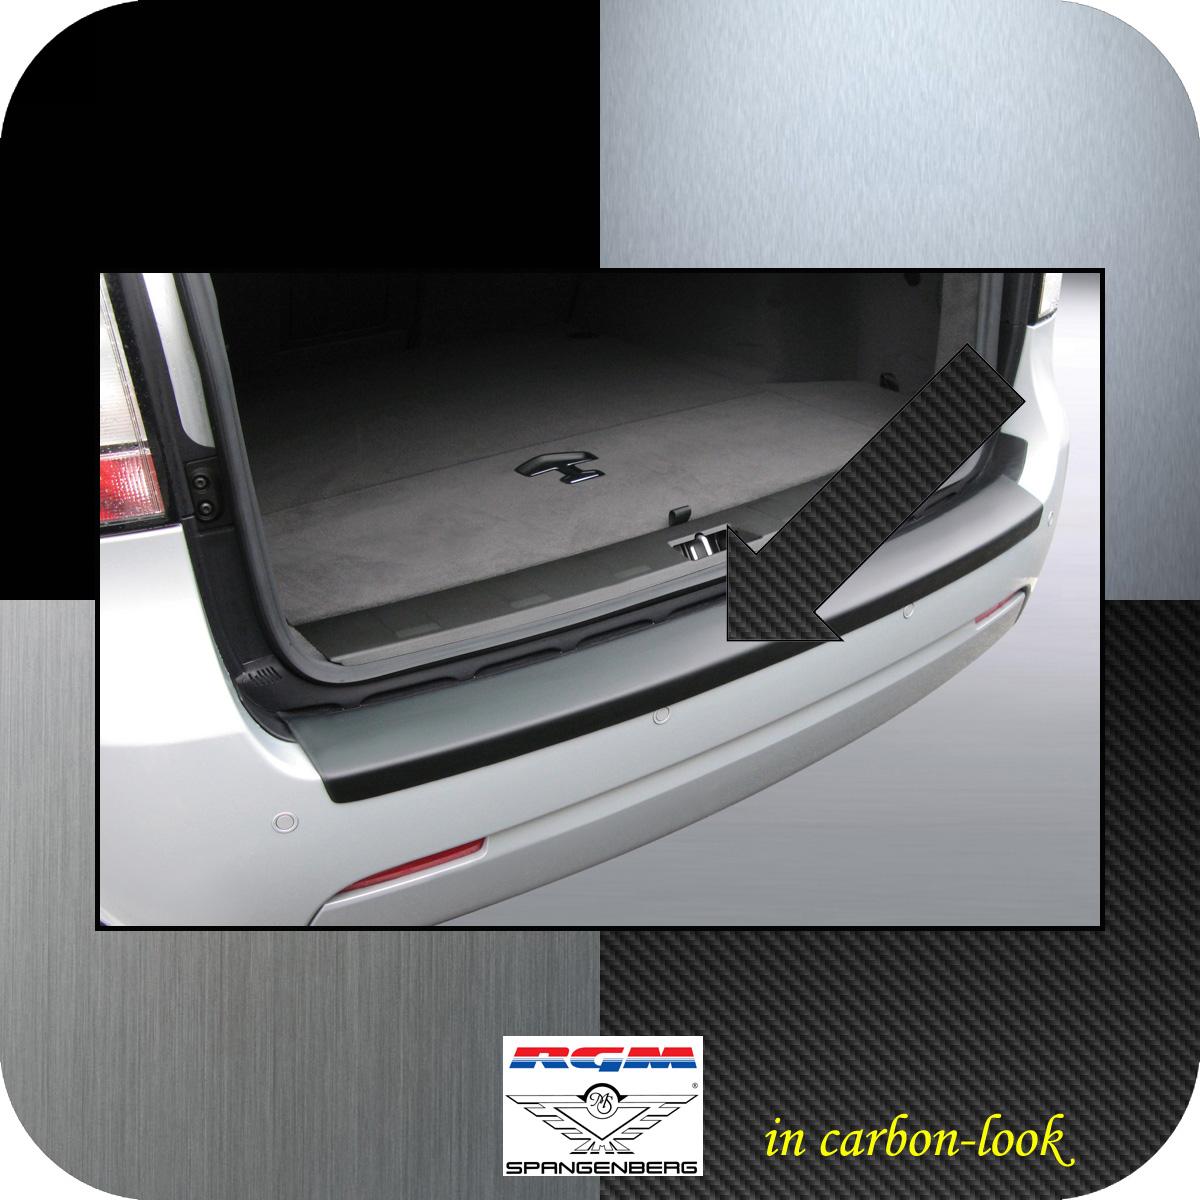 Ladekantenschutz Carbon-Look Saab 9-3 II SportCombi vor facelift 2005-07 3509402